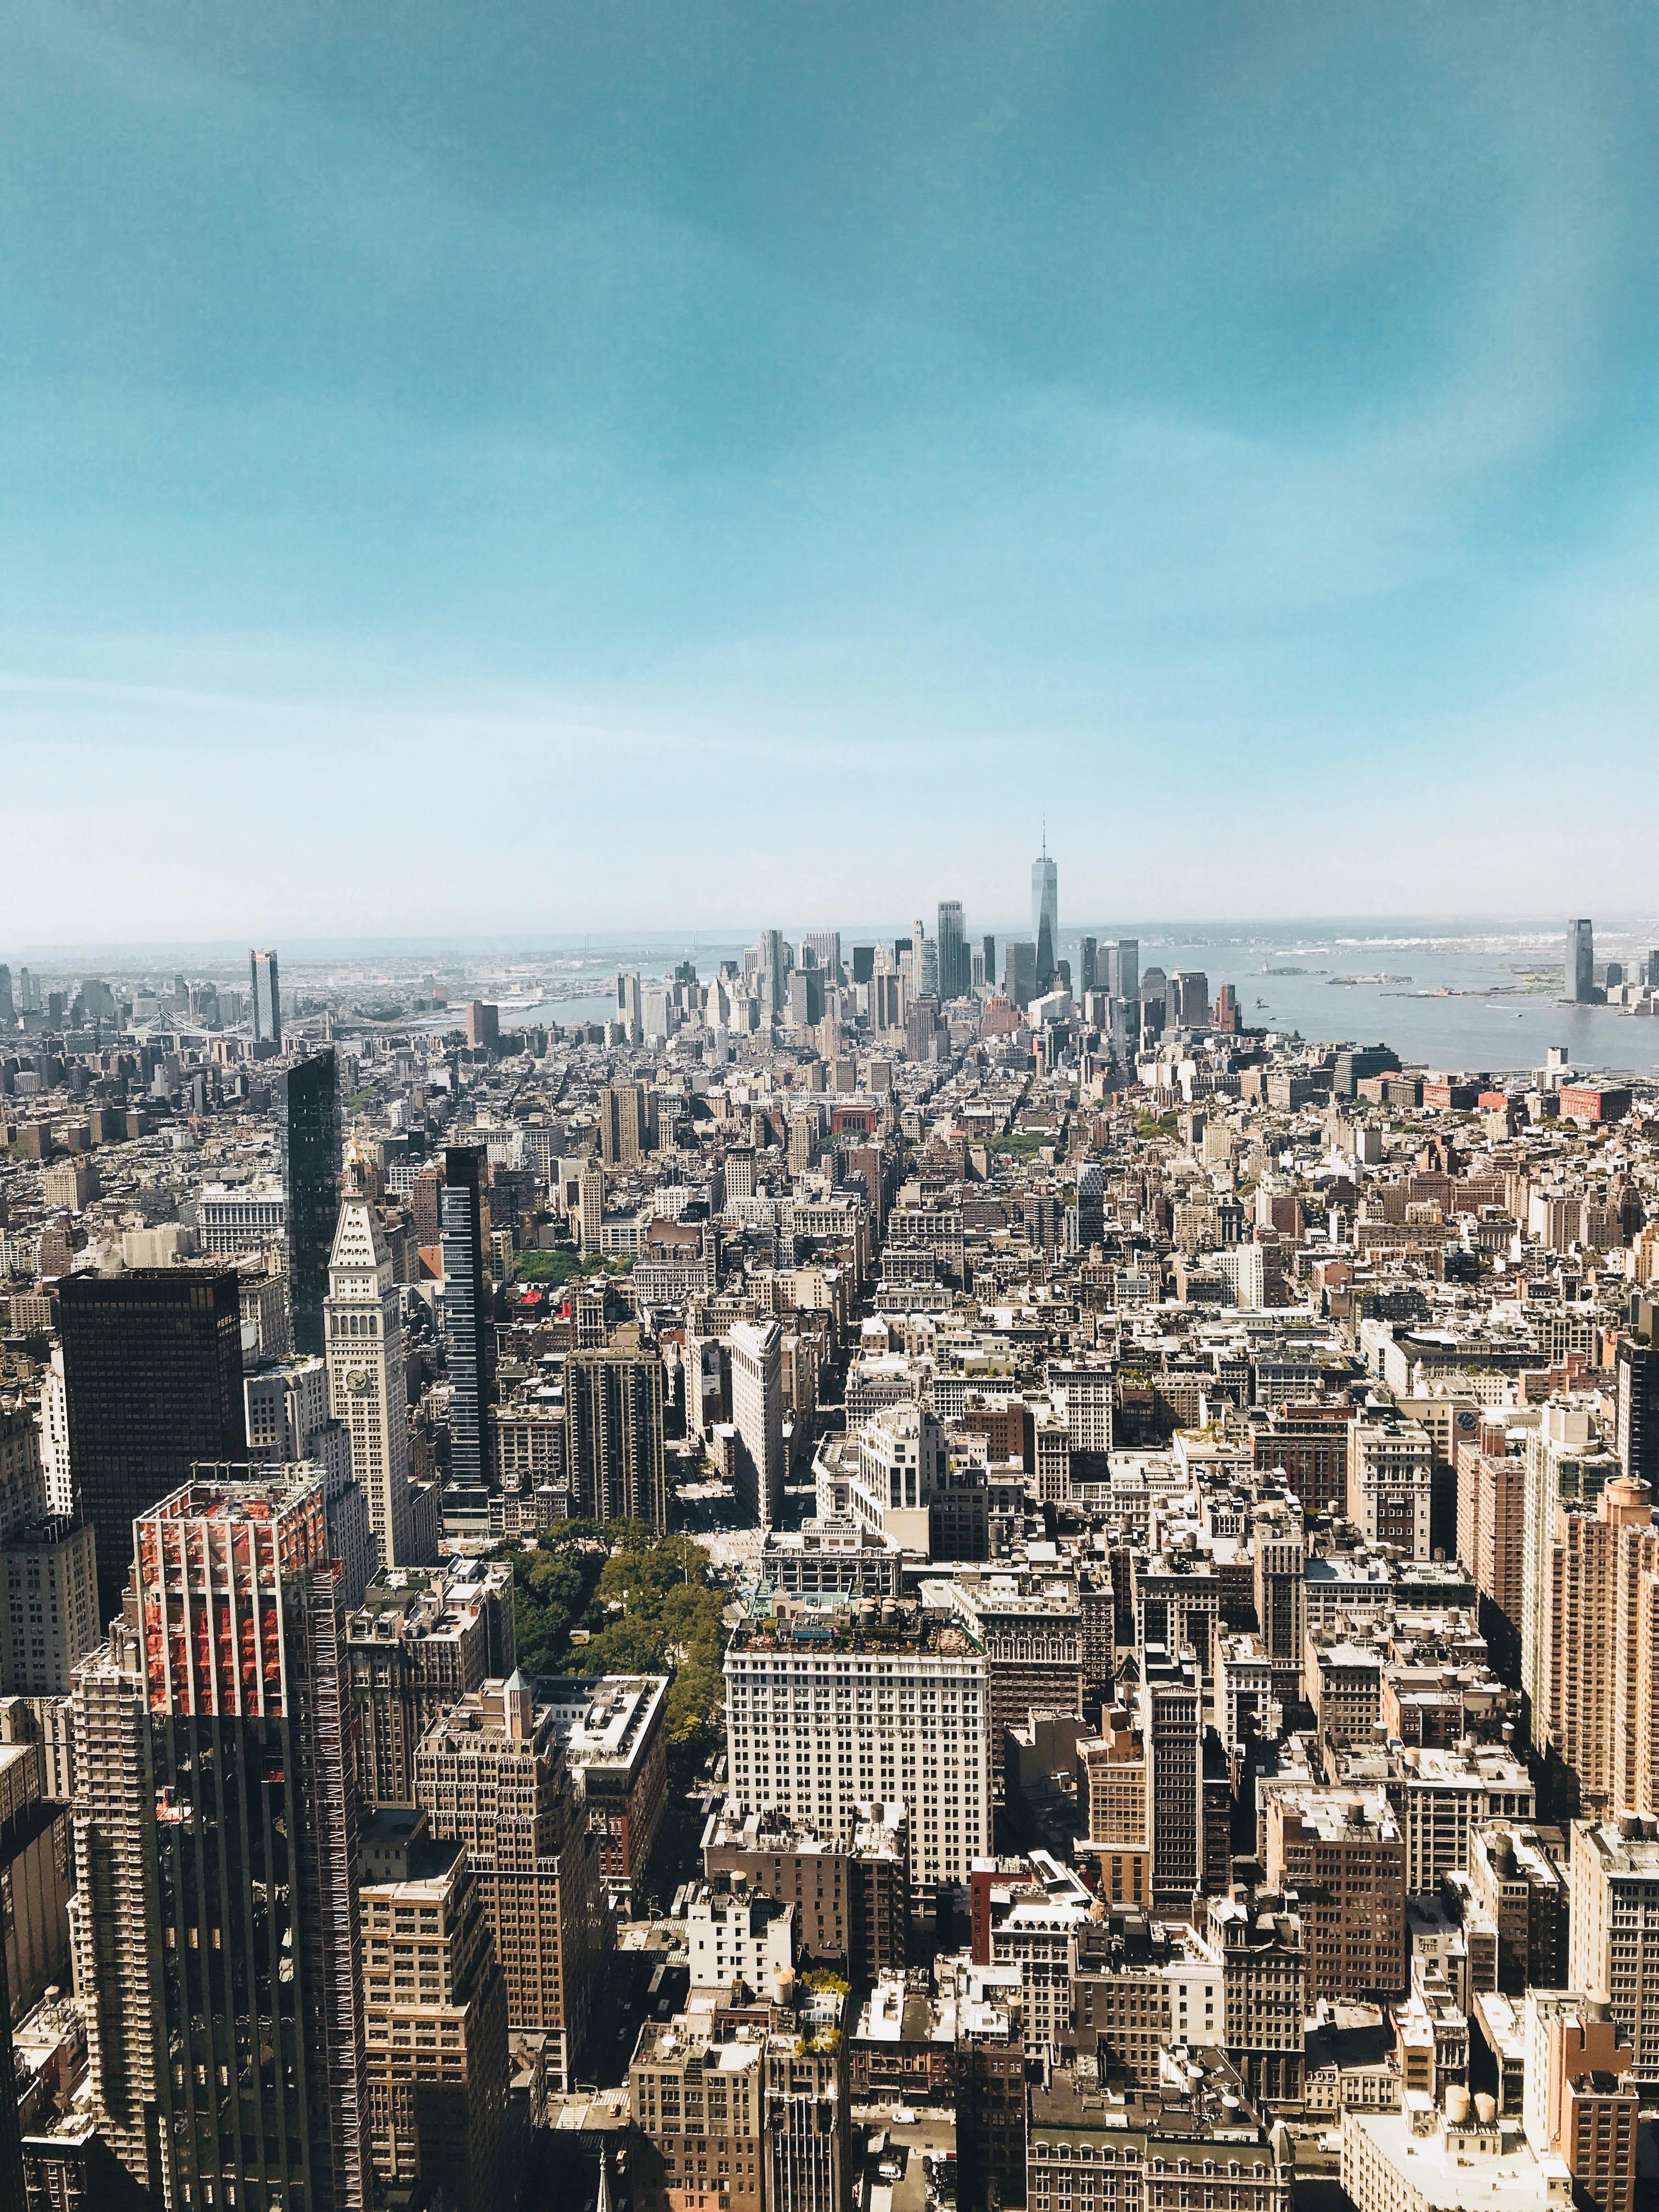 viaggio-a-new-york-empire-state-building